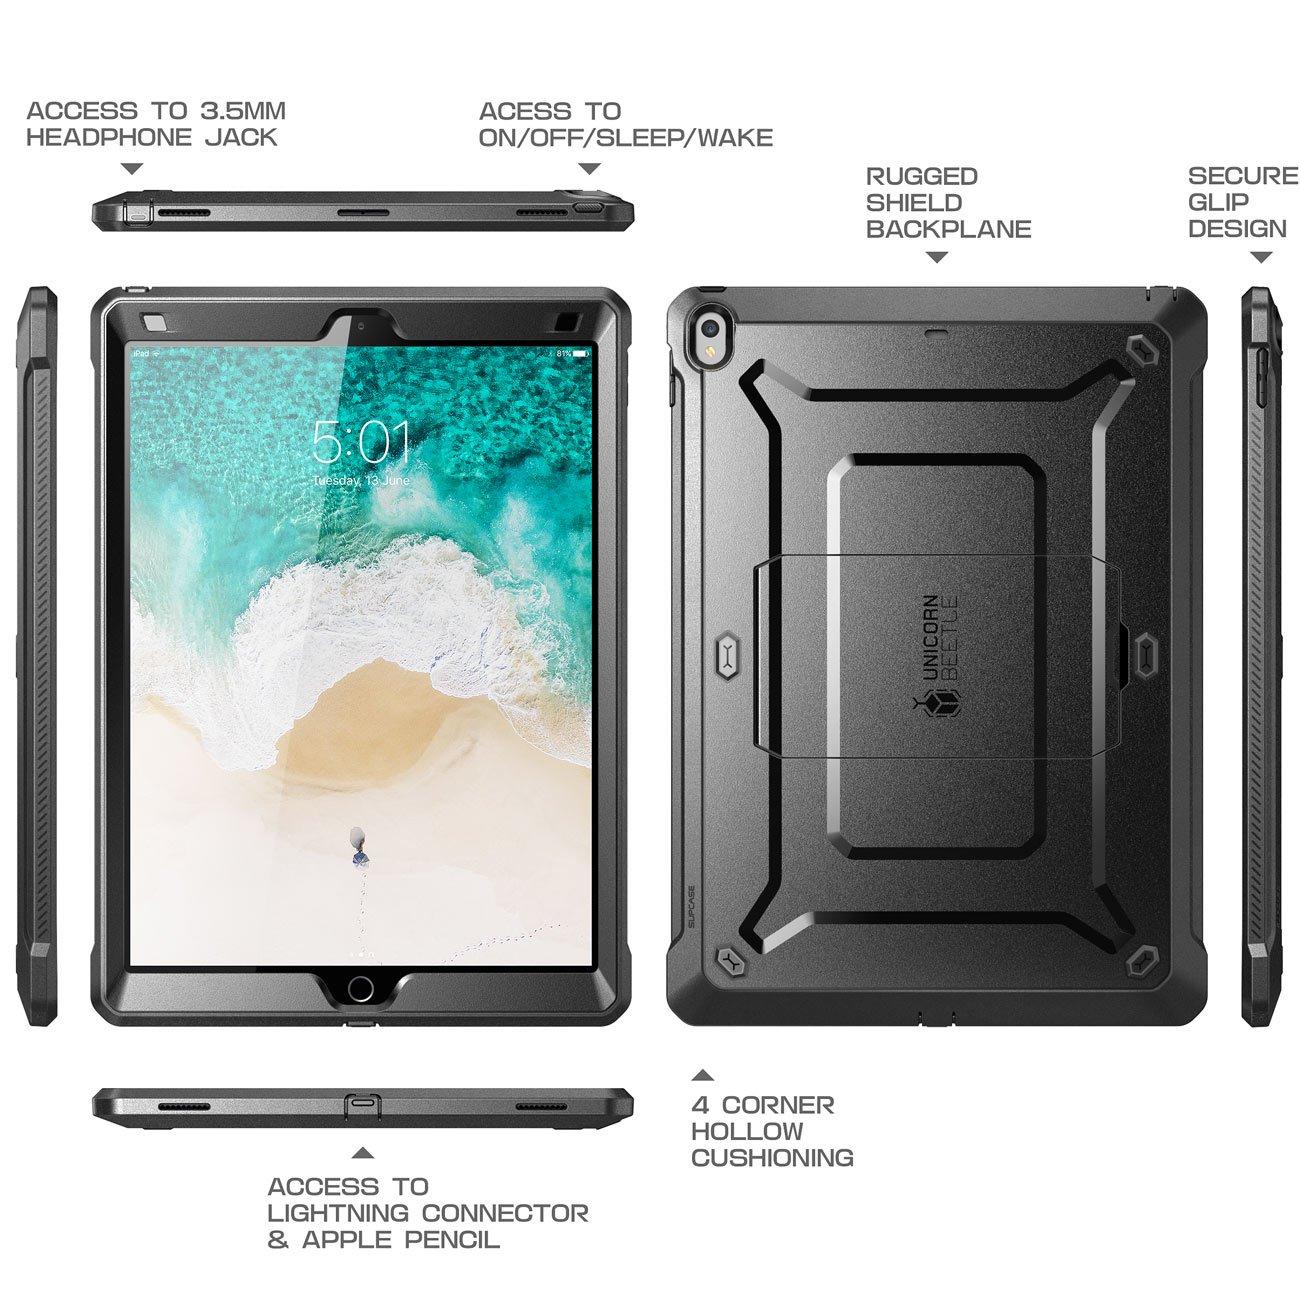 Alle neuen iPad Pro 12,9 Zoll Hülle, SUPCASE: Amazon.de: Elektronik